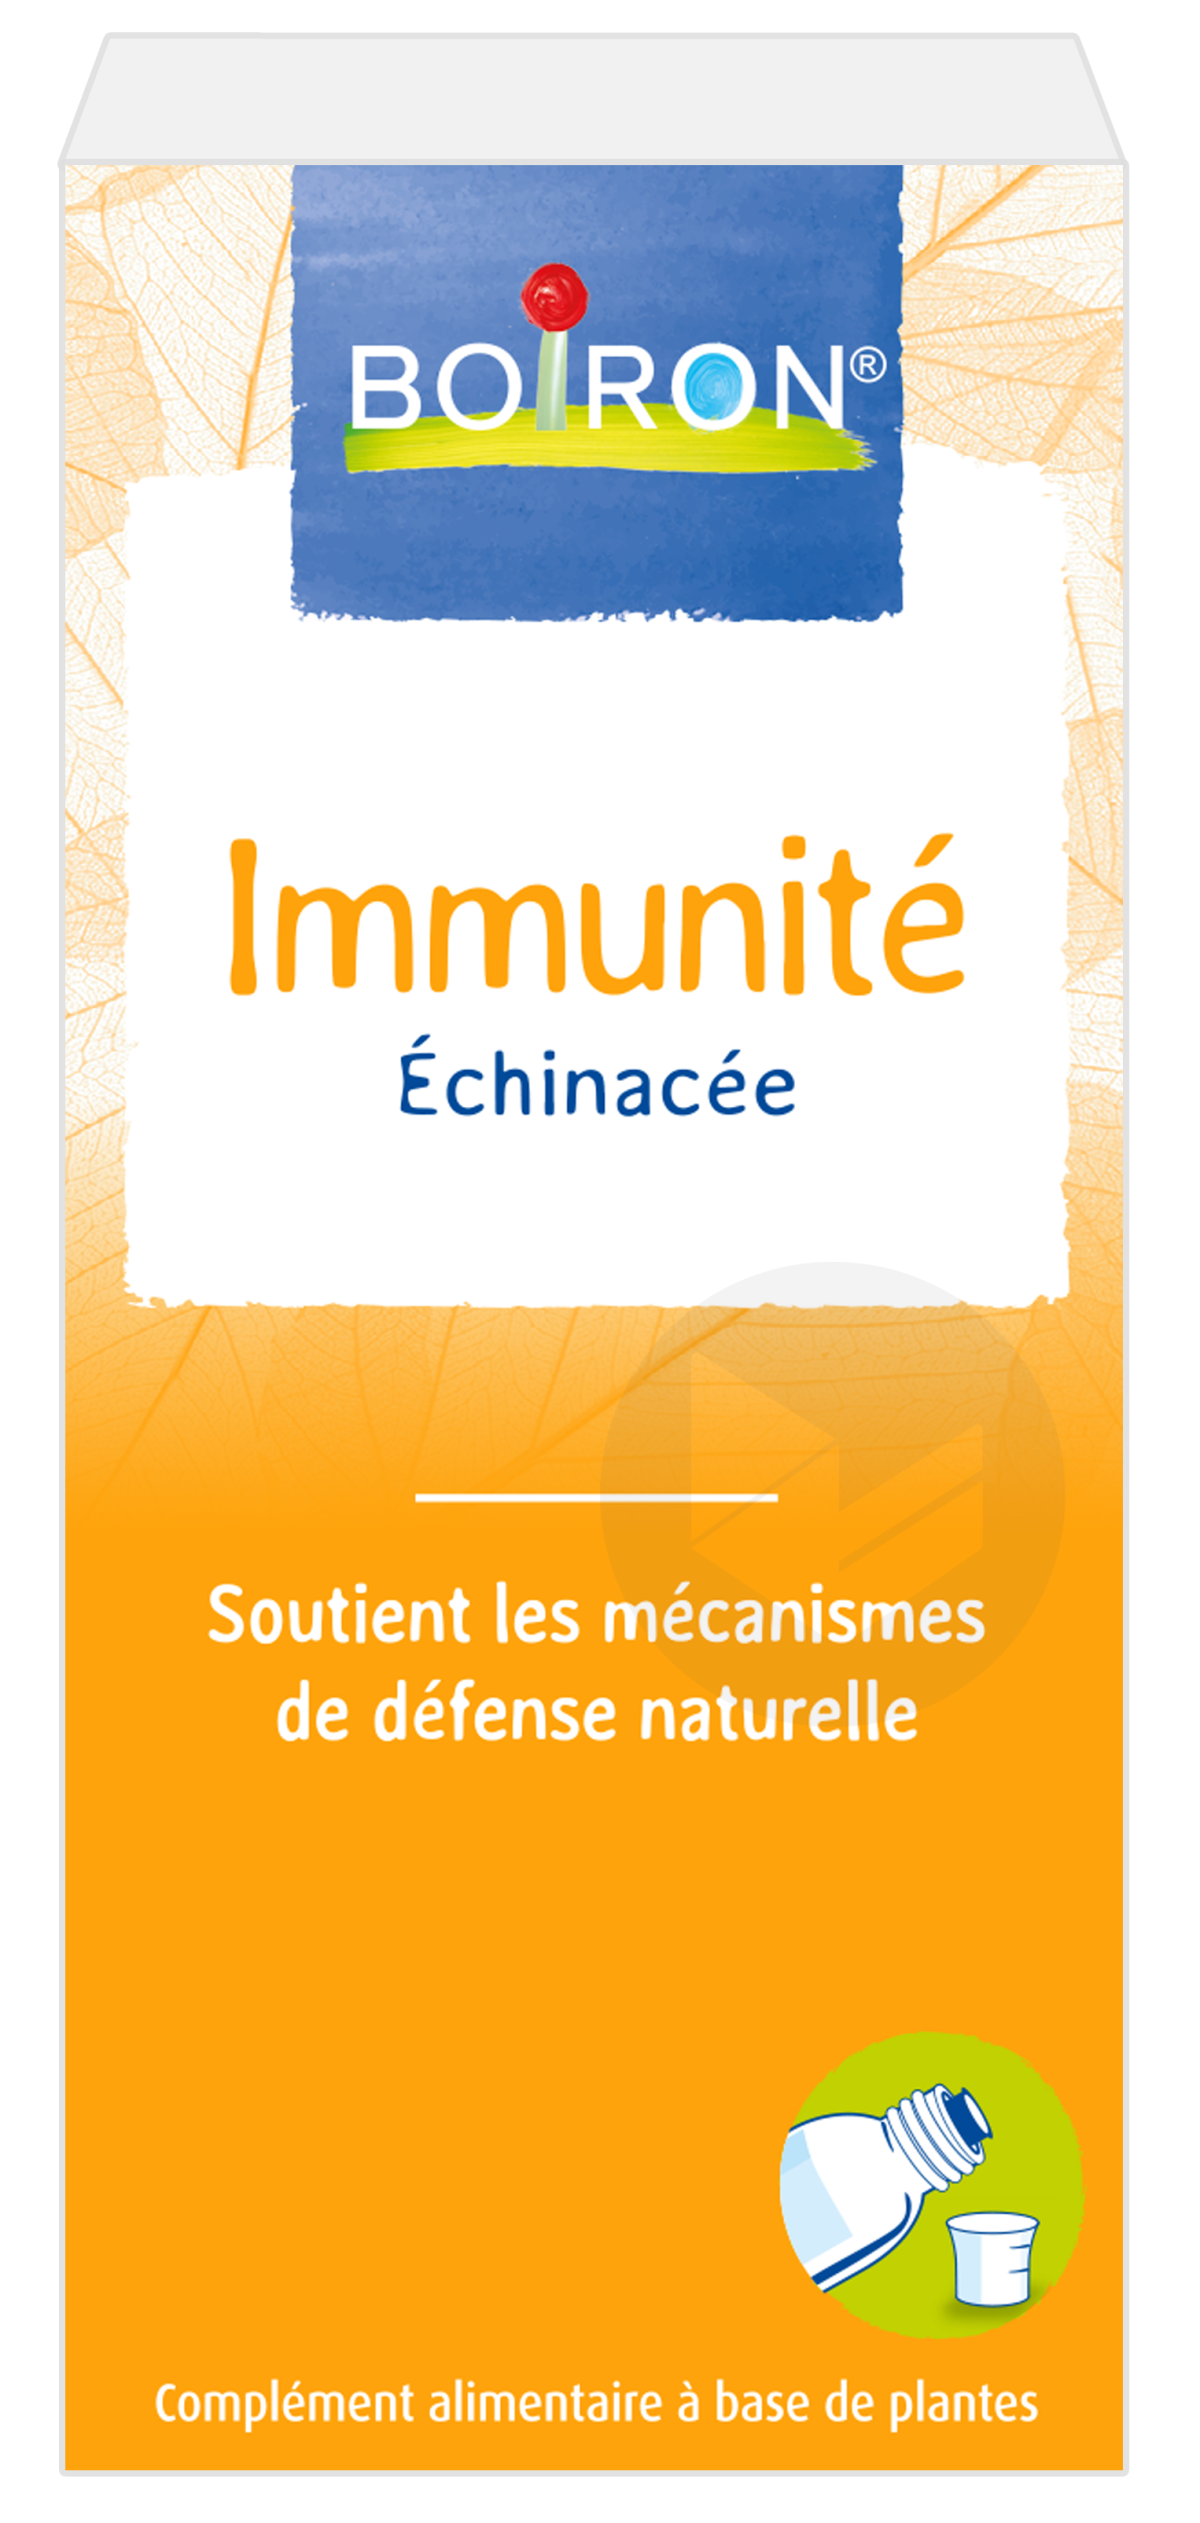 Extrait De Plantes Immunite Echinacee 60 Ml